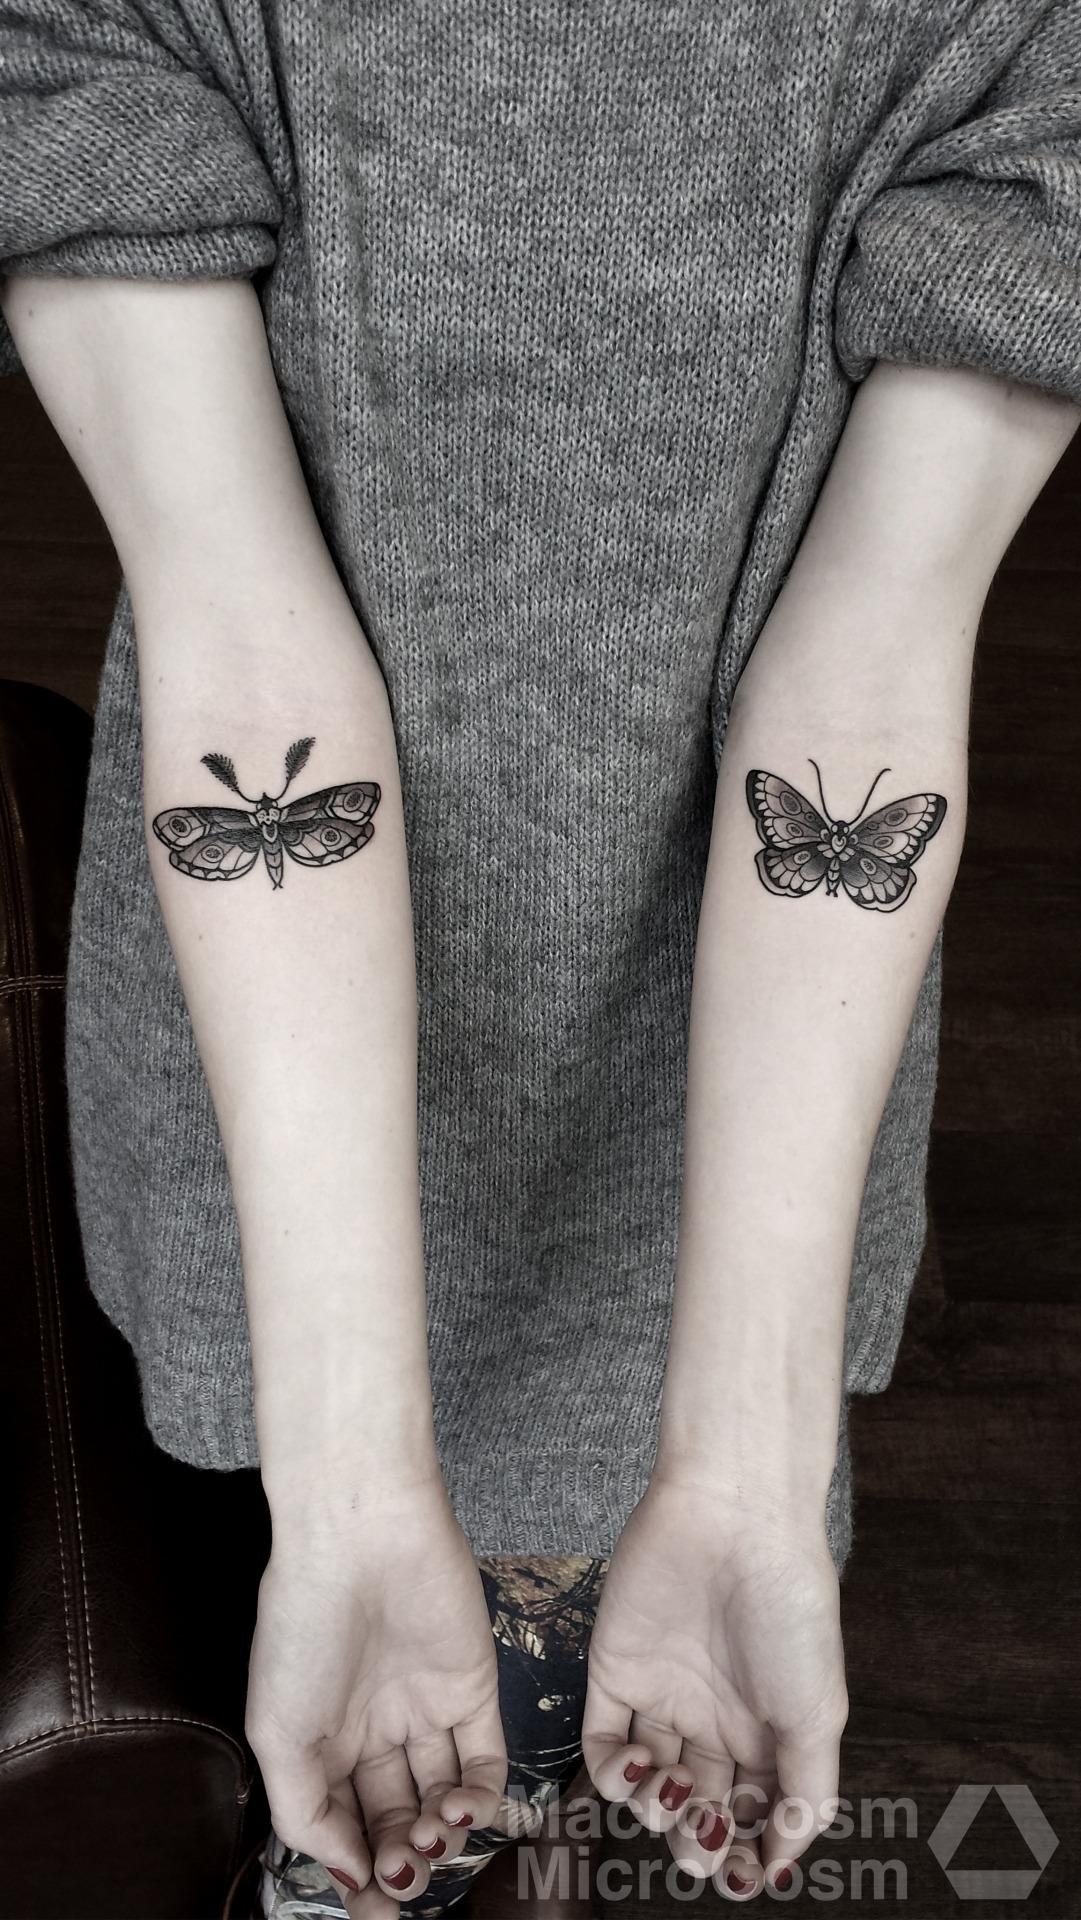 Cosmic Karma, tattoo artist (13)